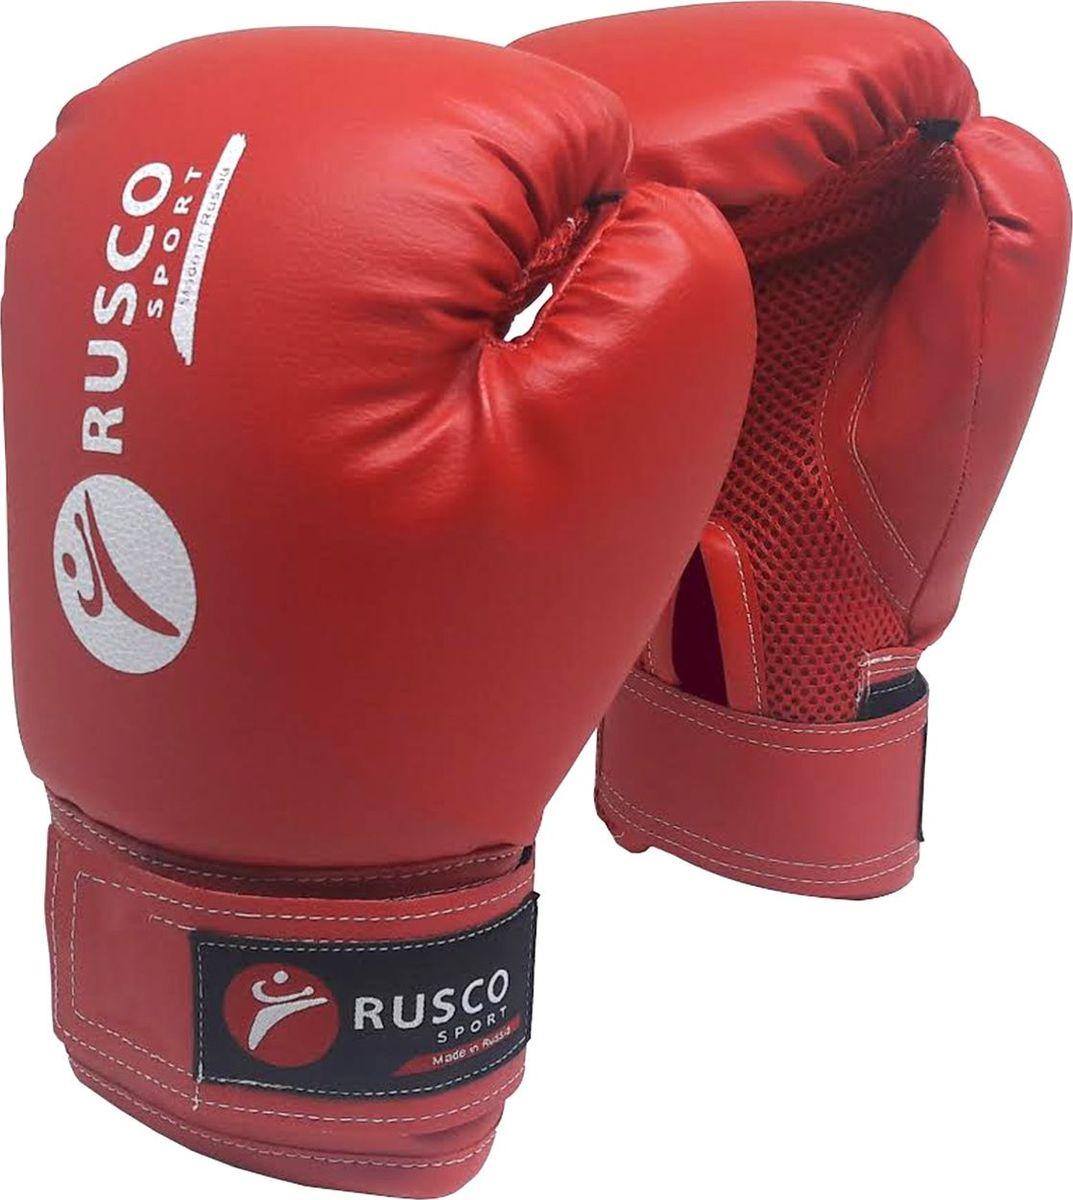 Перчатки боксерские Rusco, цвет: красный. Вес 8 унцийУТ-00008587Перчатки боксерскиеRusco - это боксерские перчатки красного цвета, которые широко используются начинающими спортсменами и юниорами на тренировках. Перчатки имеют мягкую набивку, специально разработанная удобная форма позволяет избежать травм во время тренировок и профессионально подготовиться к бою. Превосходно облегают кисть, следуя всем анатомическим изгибам ладони и запястья.